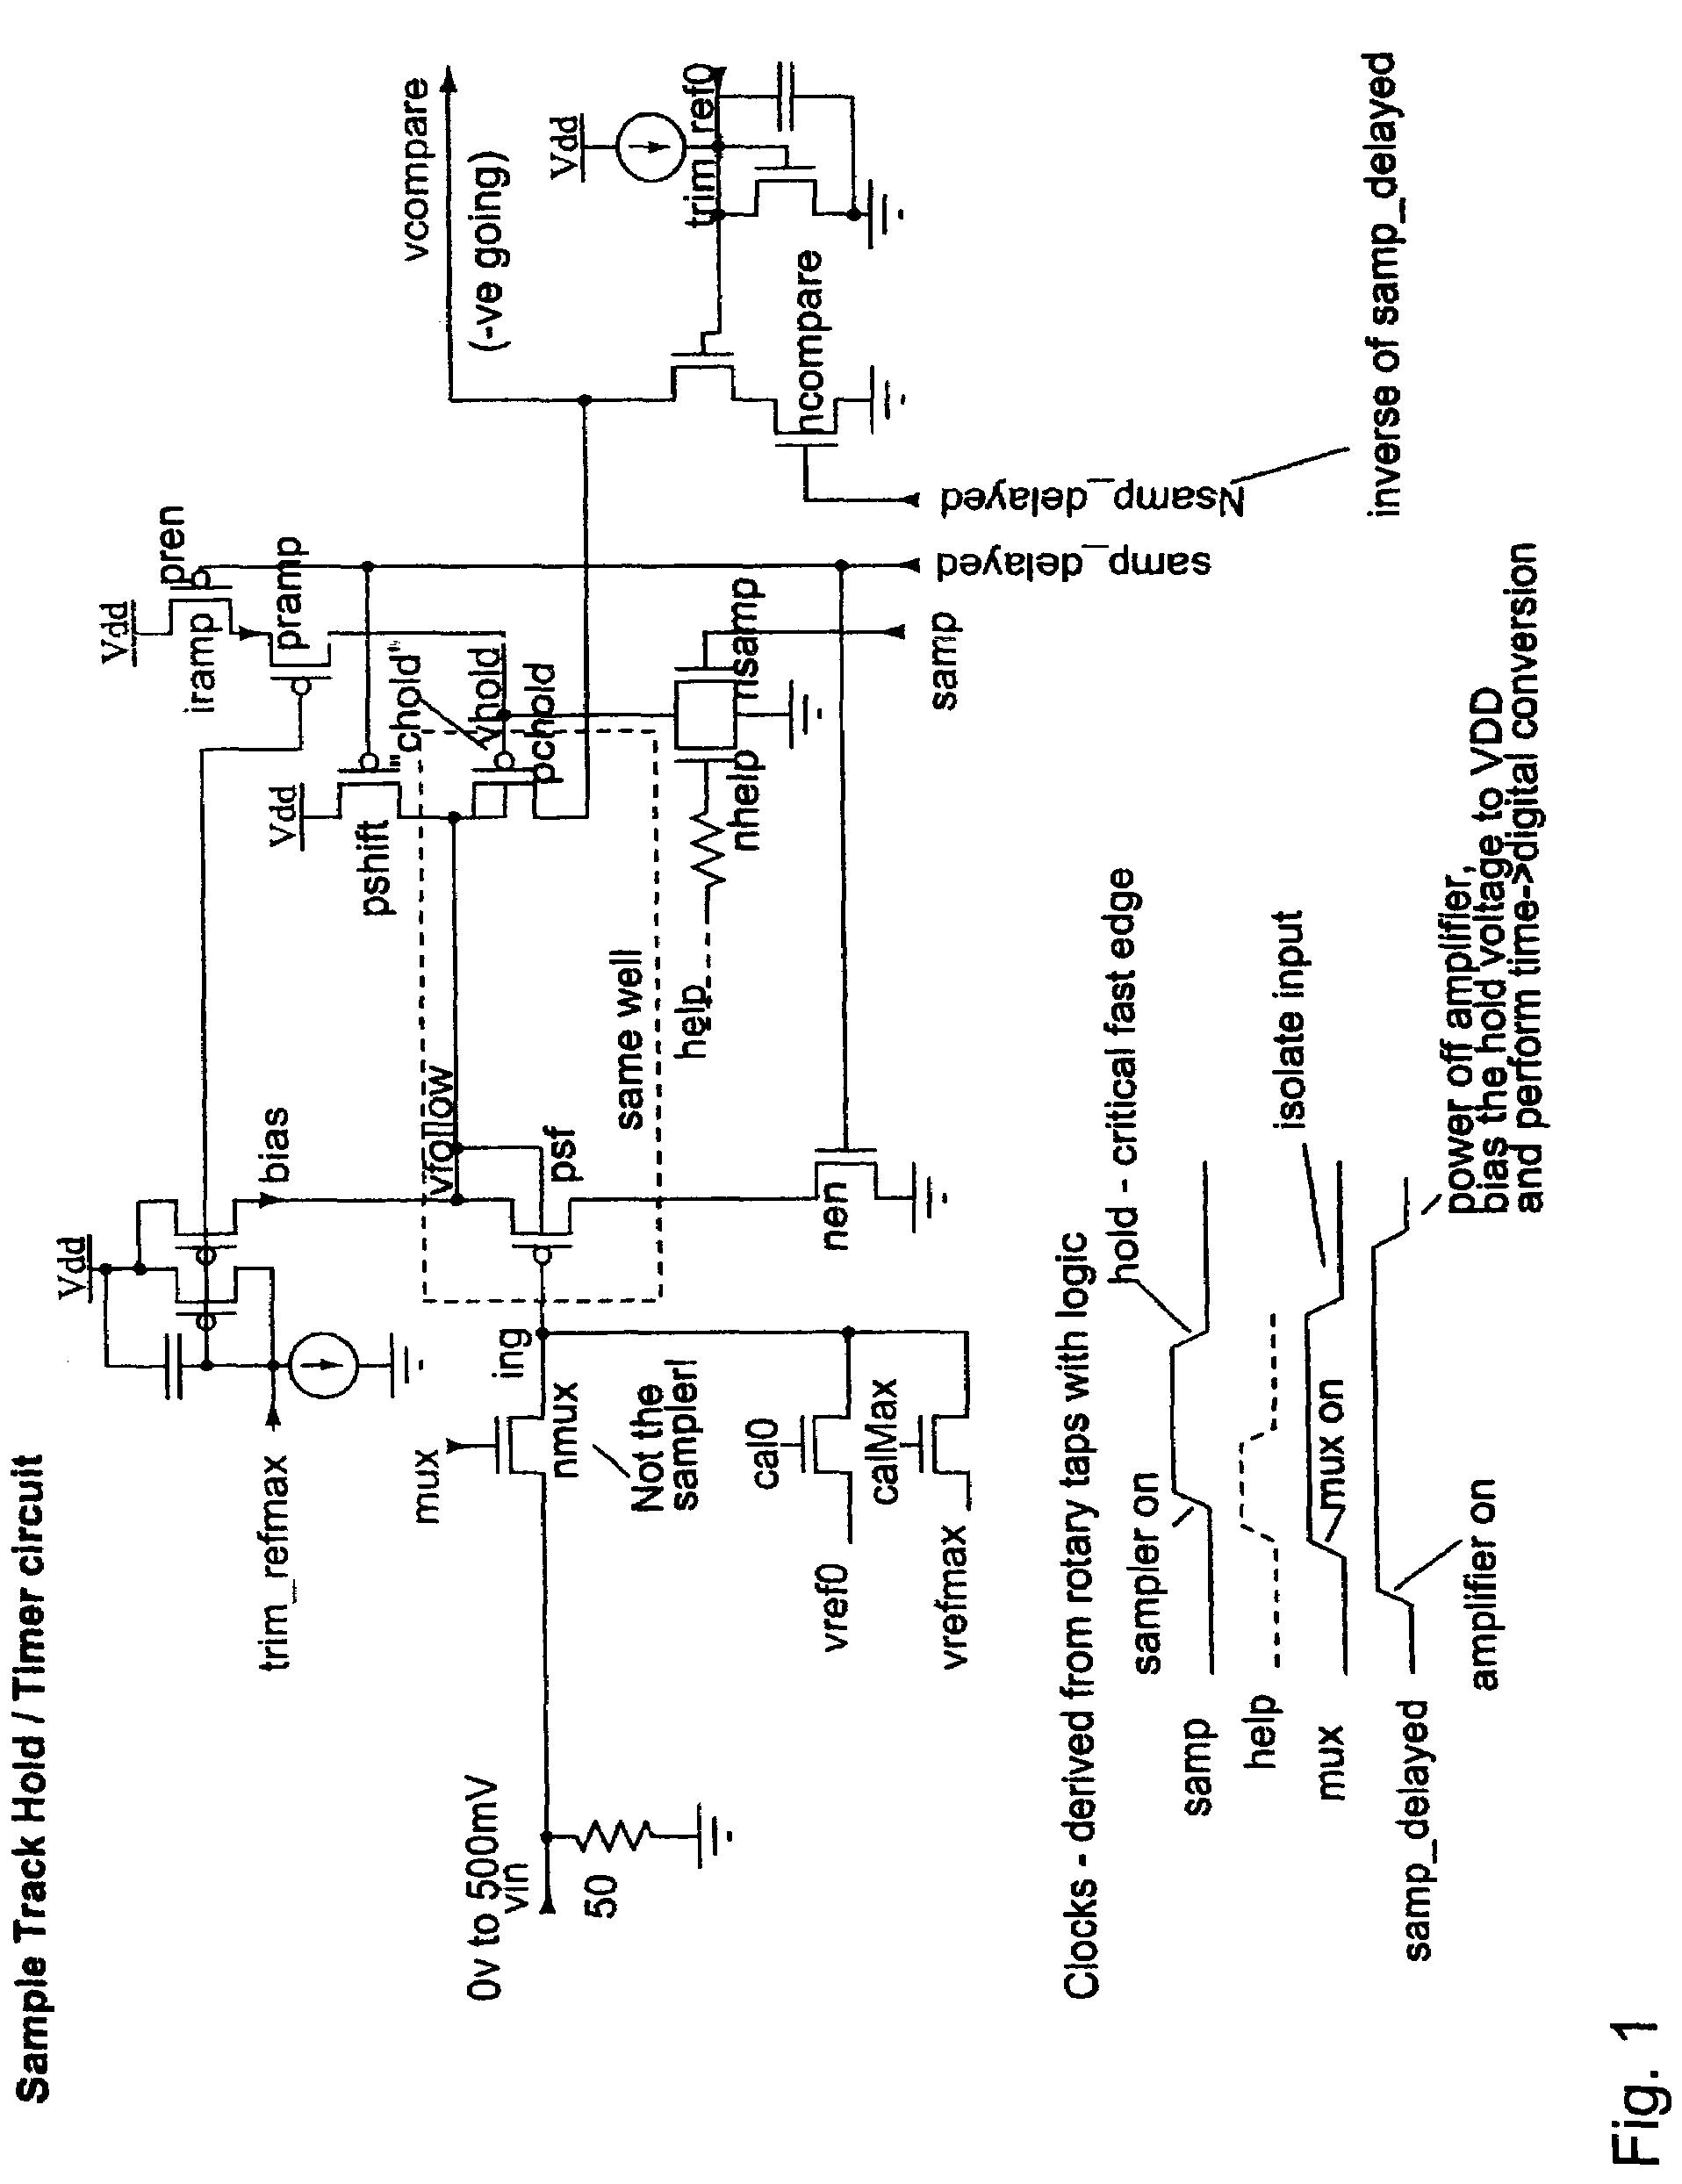 patent us7656336